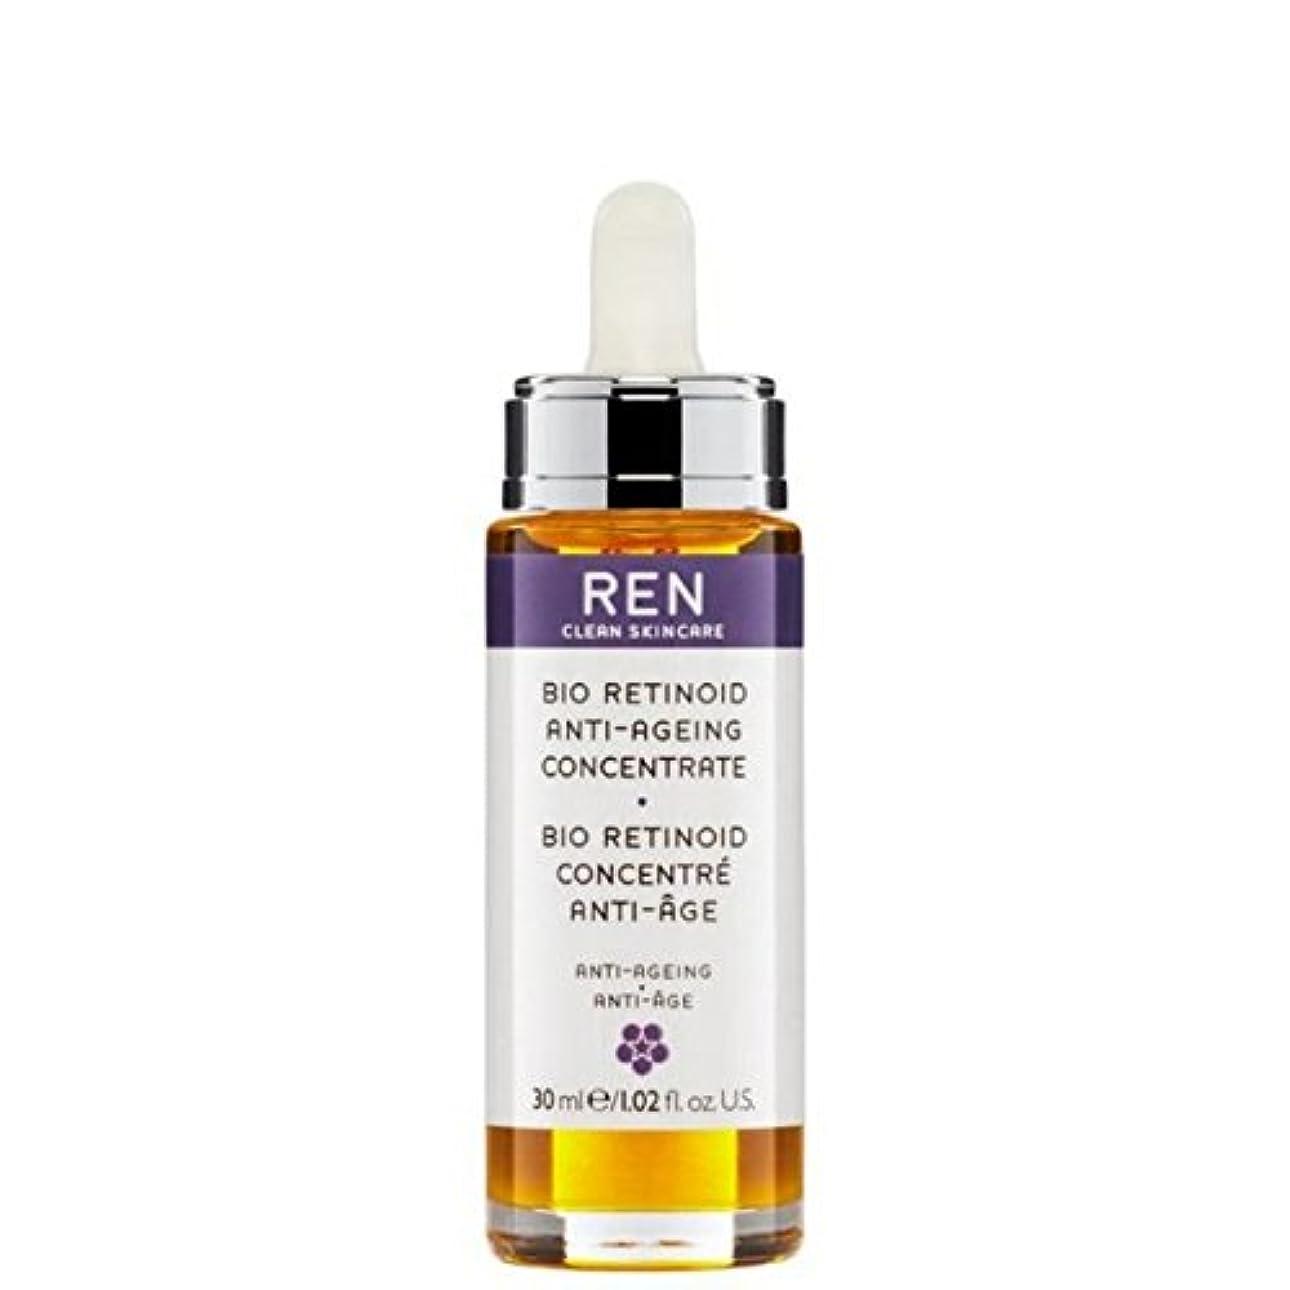 エンティティダイヤモンド電気技師バイオレチノイド抗しわ濃縮油 x2 - REN Bio Retinoid Anti-Wrinkle Concentrate Oil (Pack of 2) [並行輸入品]